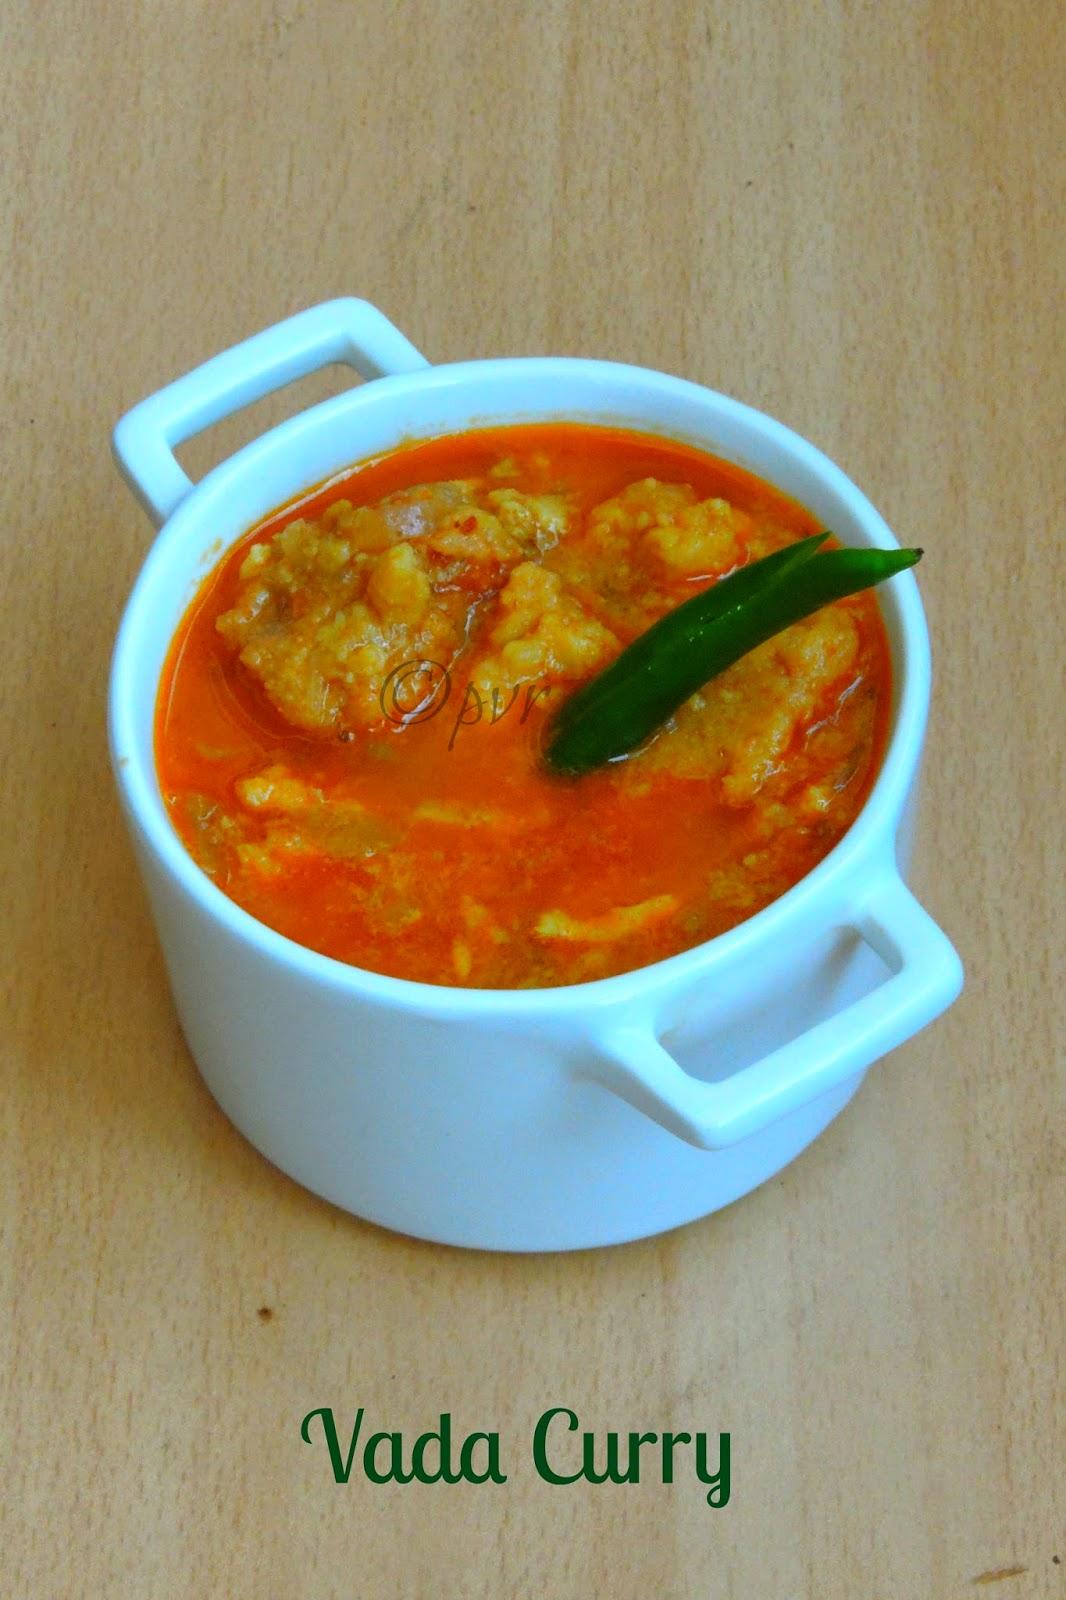 Vada curry, Saidapettai vada curry